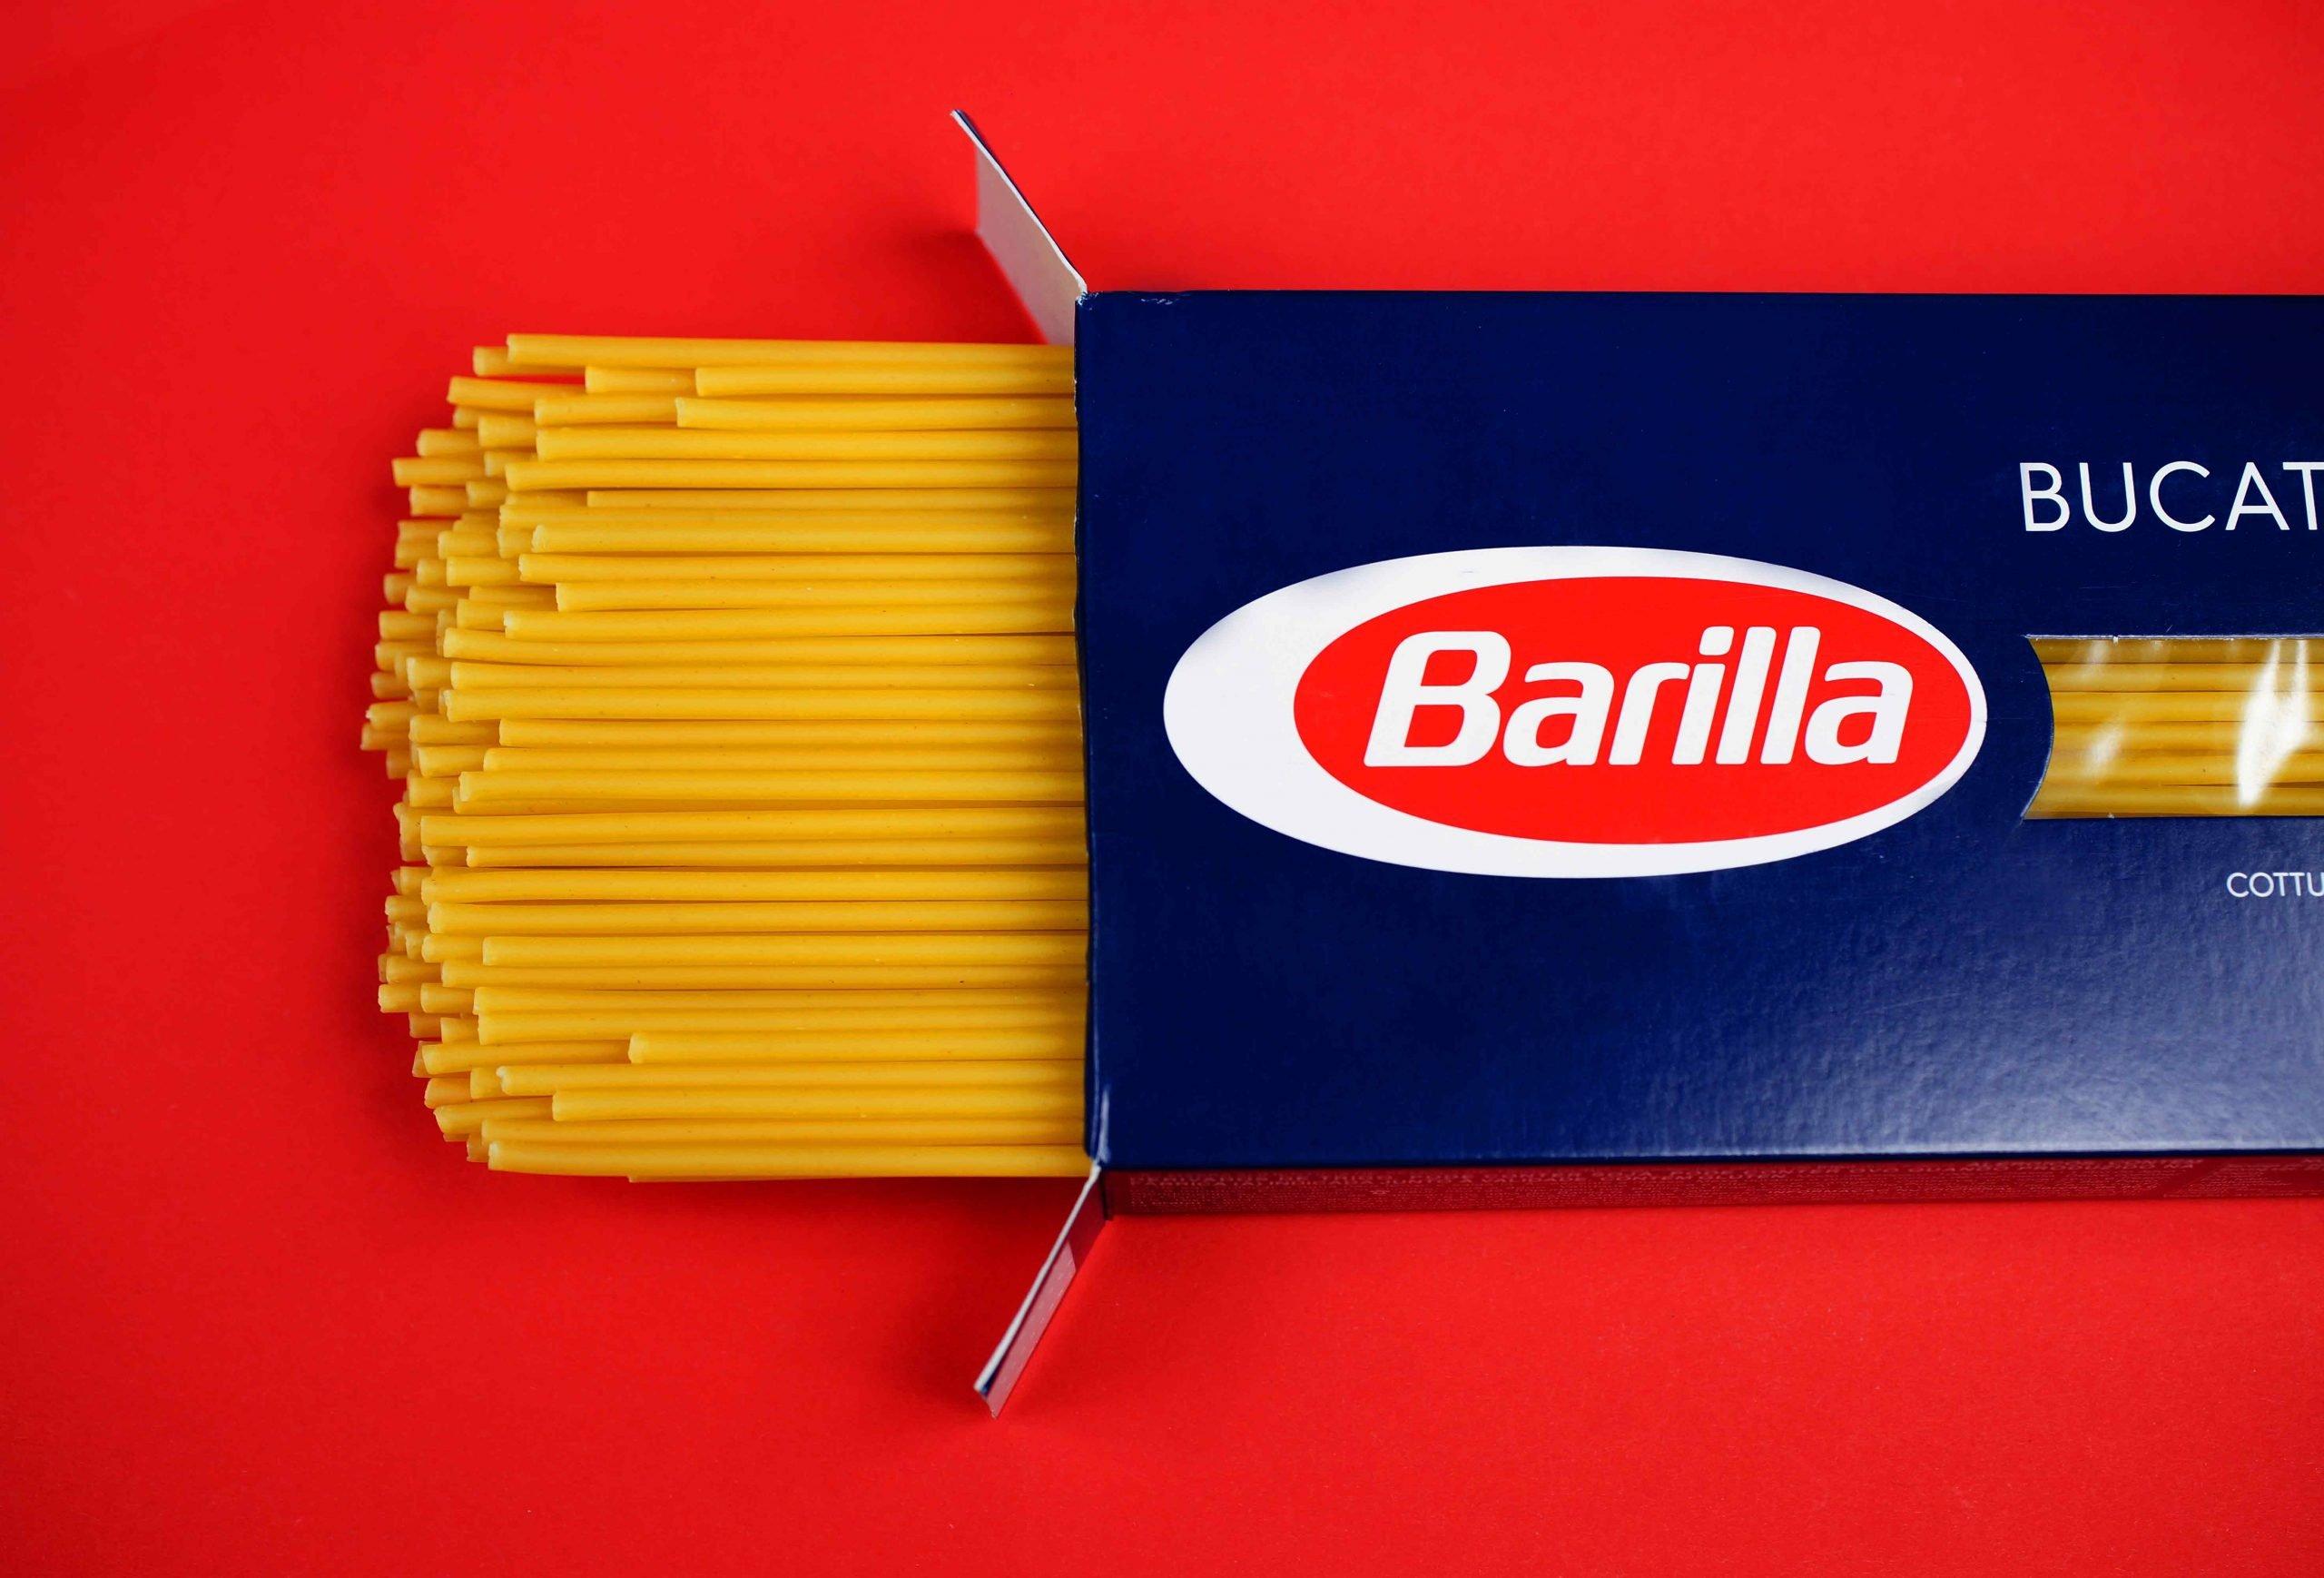 Pasta-bucatini-pacco-Barilla